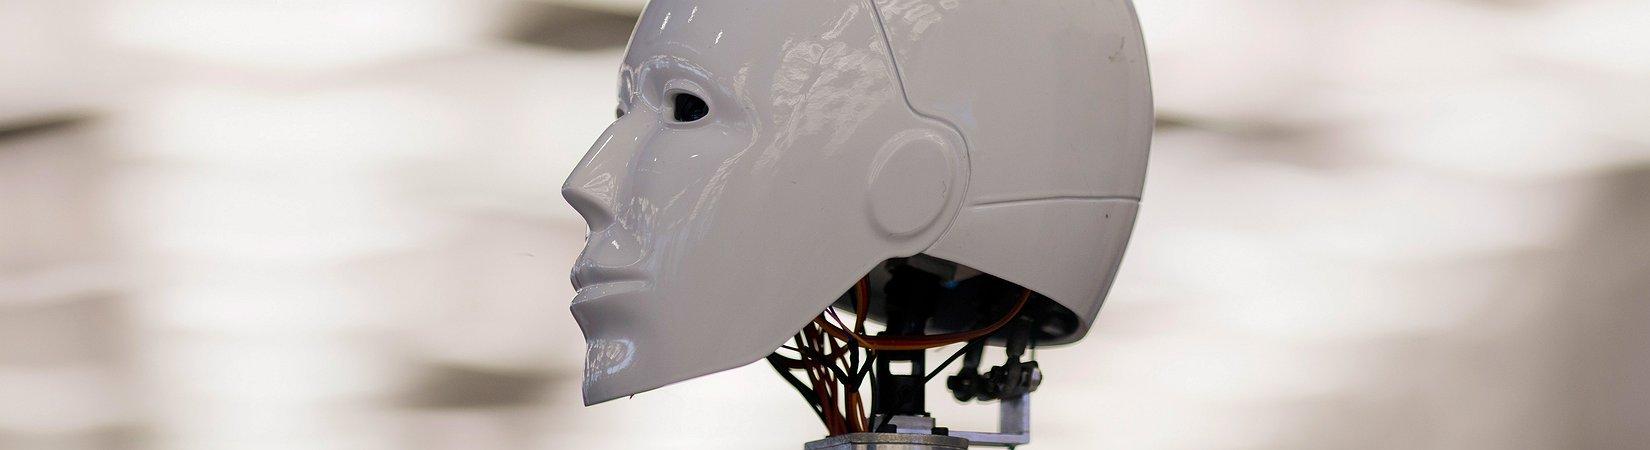 Il tuo posto di lavoro è minacciato dai robot?